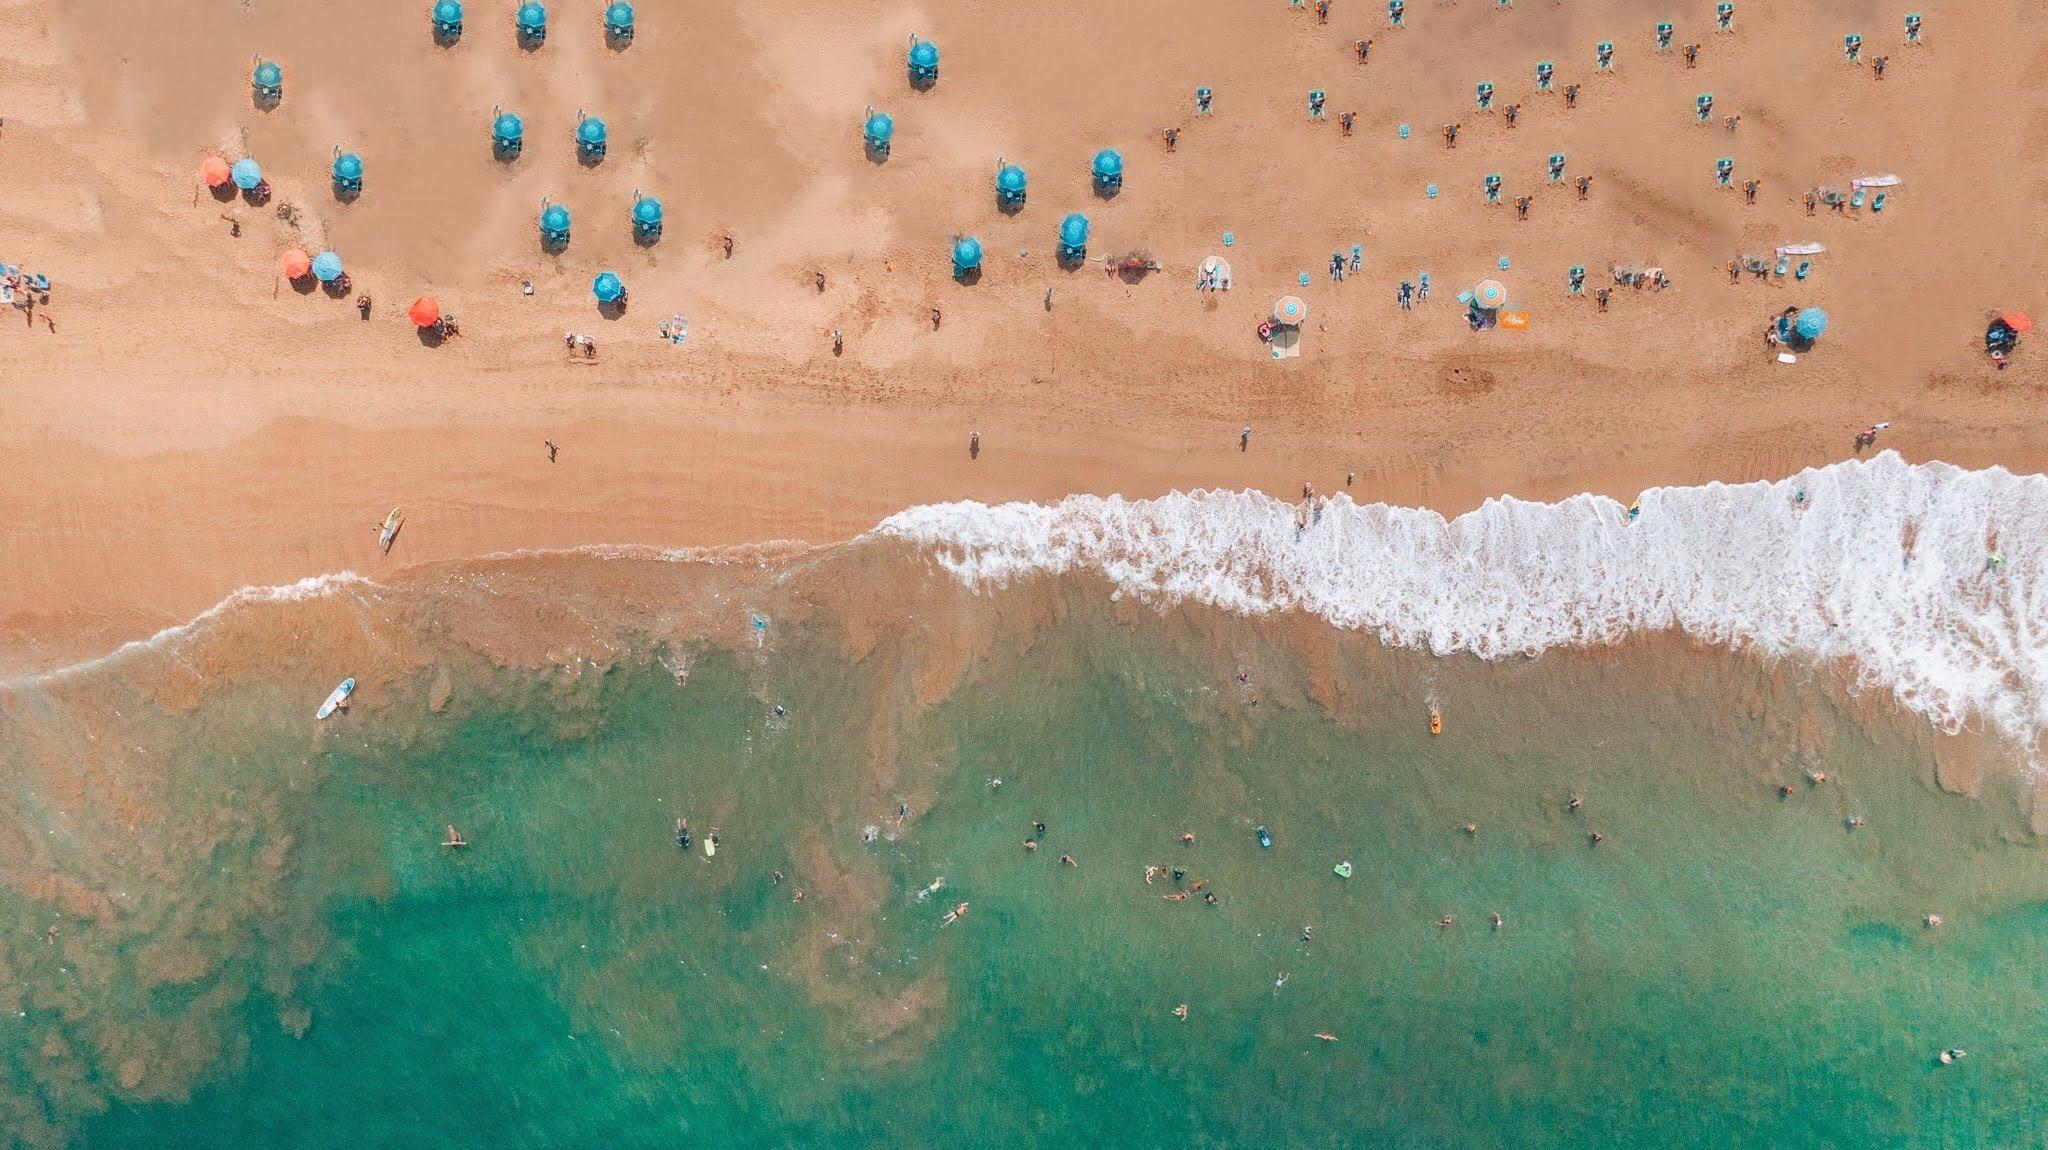 Maui, Hawaii - Shot on DJI Mavic Pro Drone